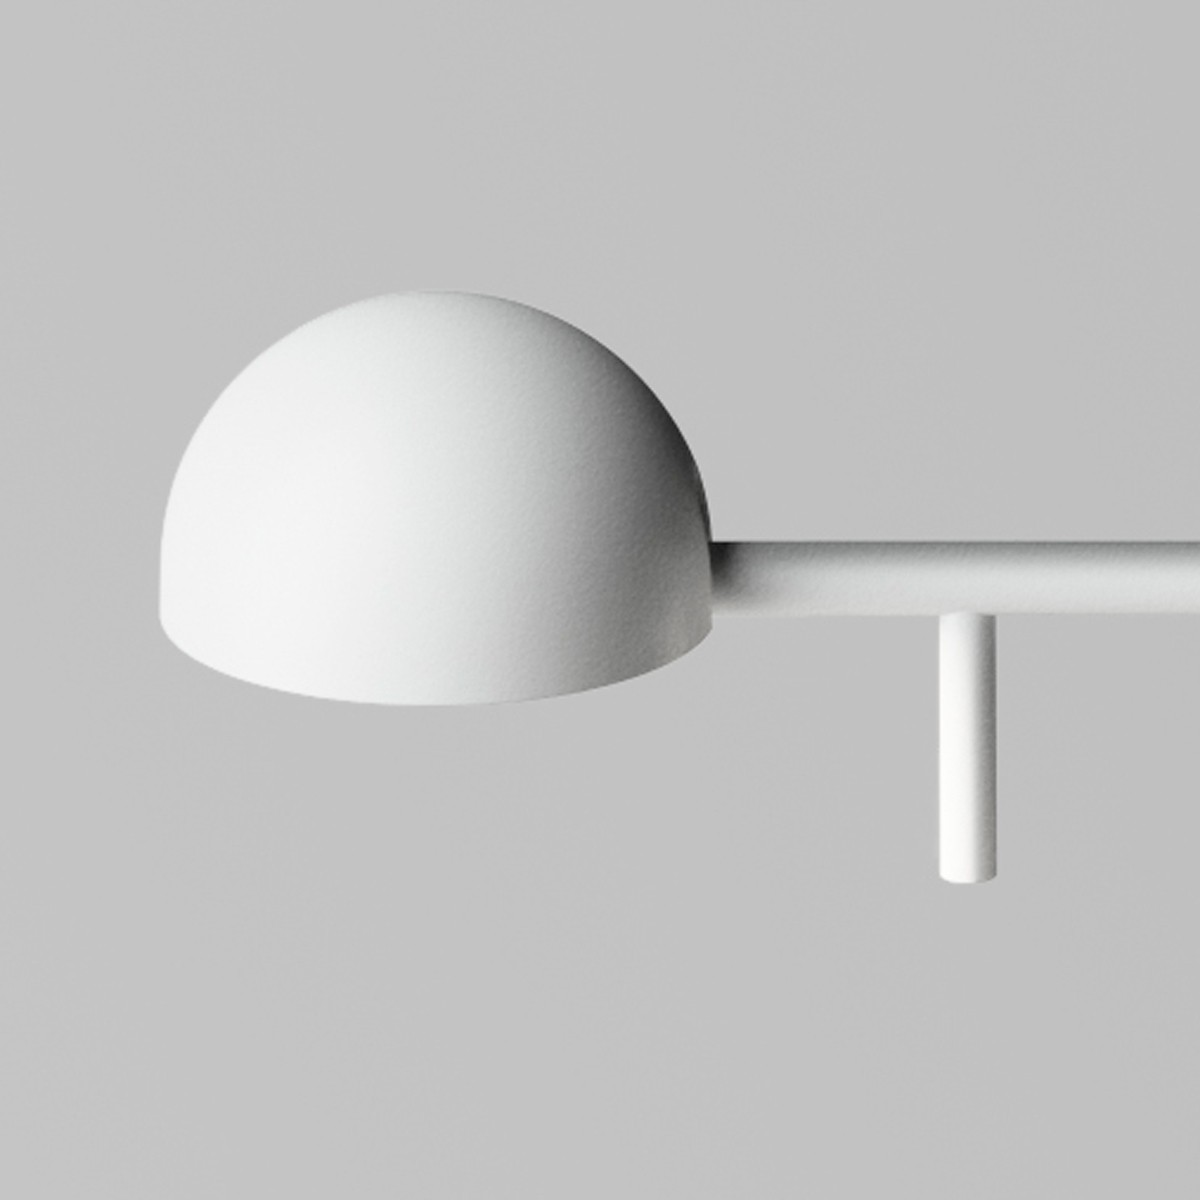 Vibia Pin 1655 Tischleuchte, weiß matt